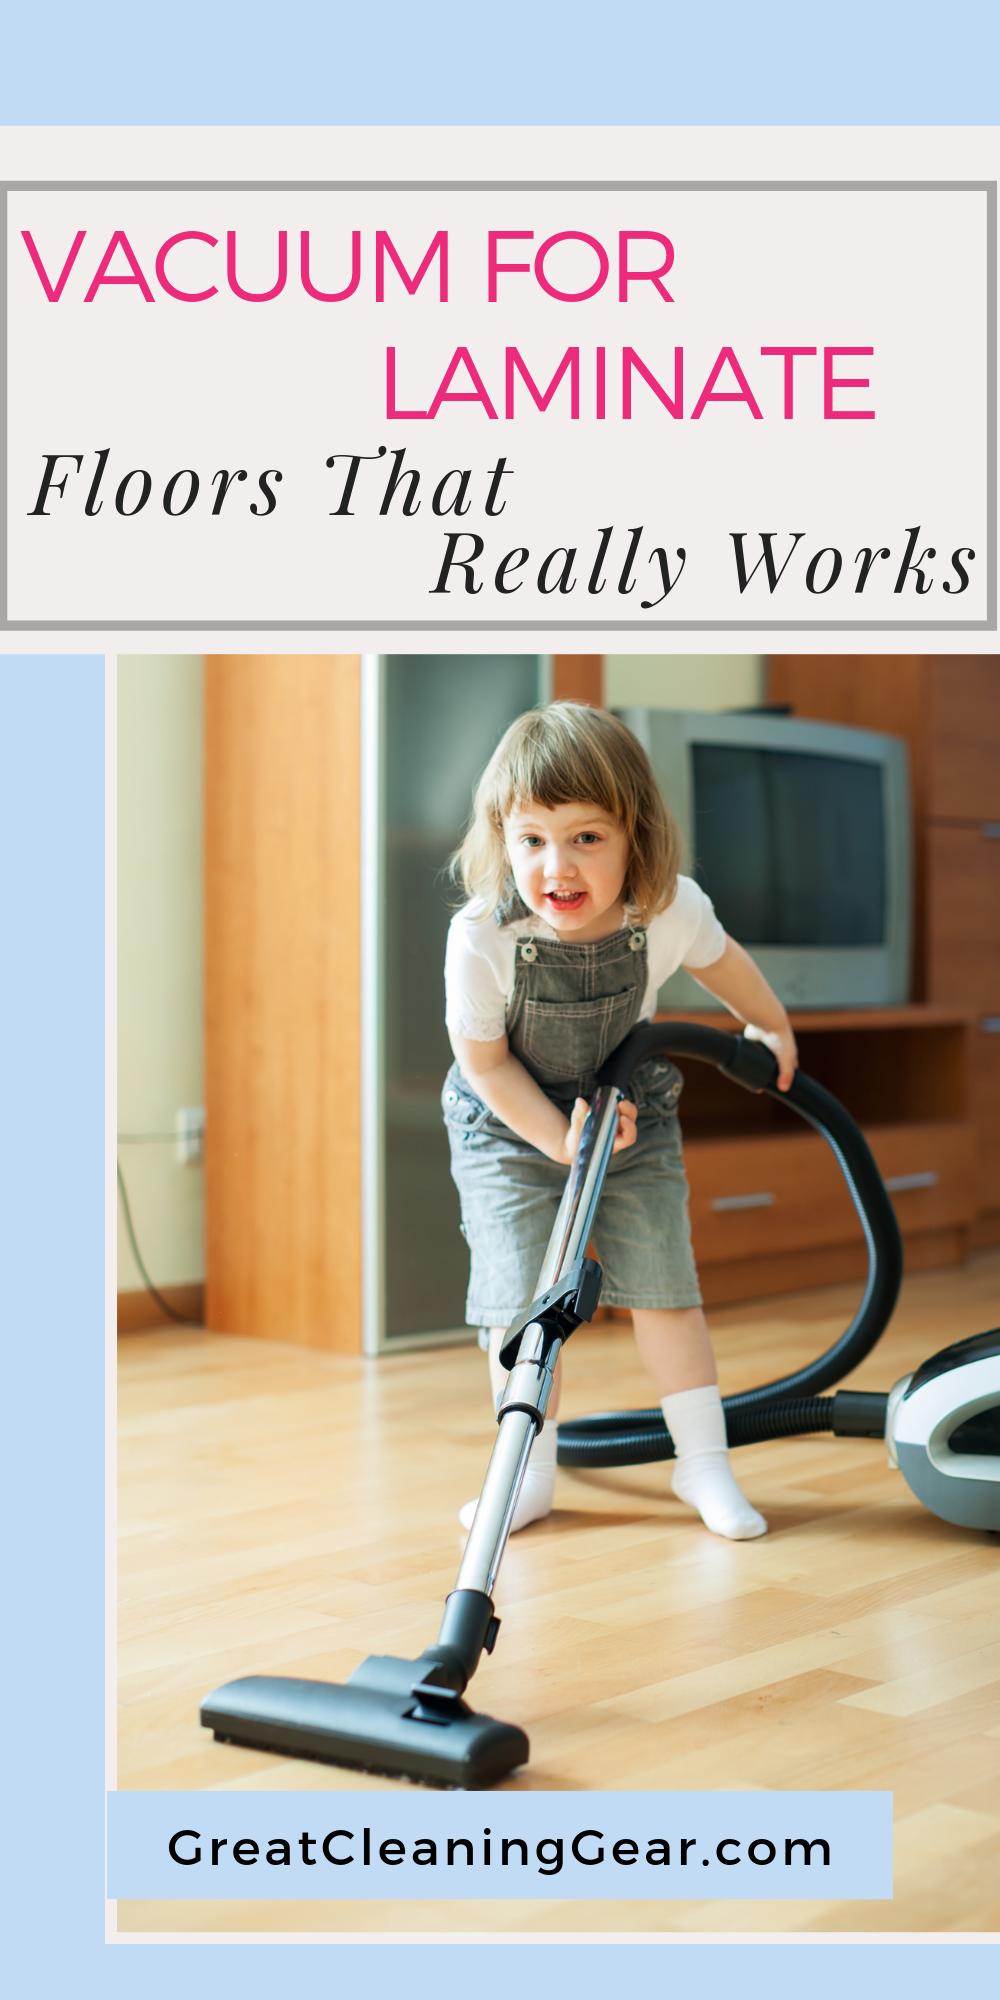 Best Vacuum For Laminate Floors 2020